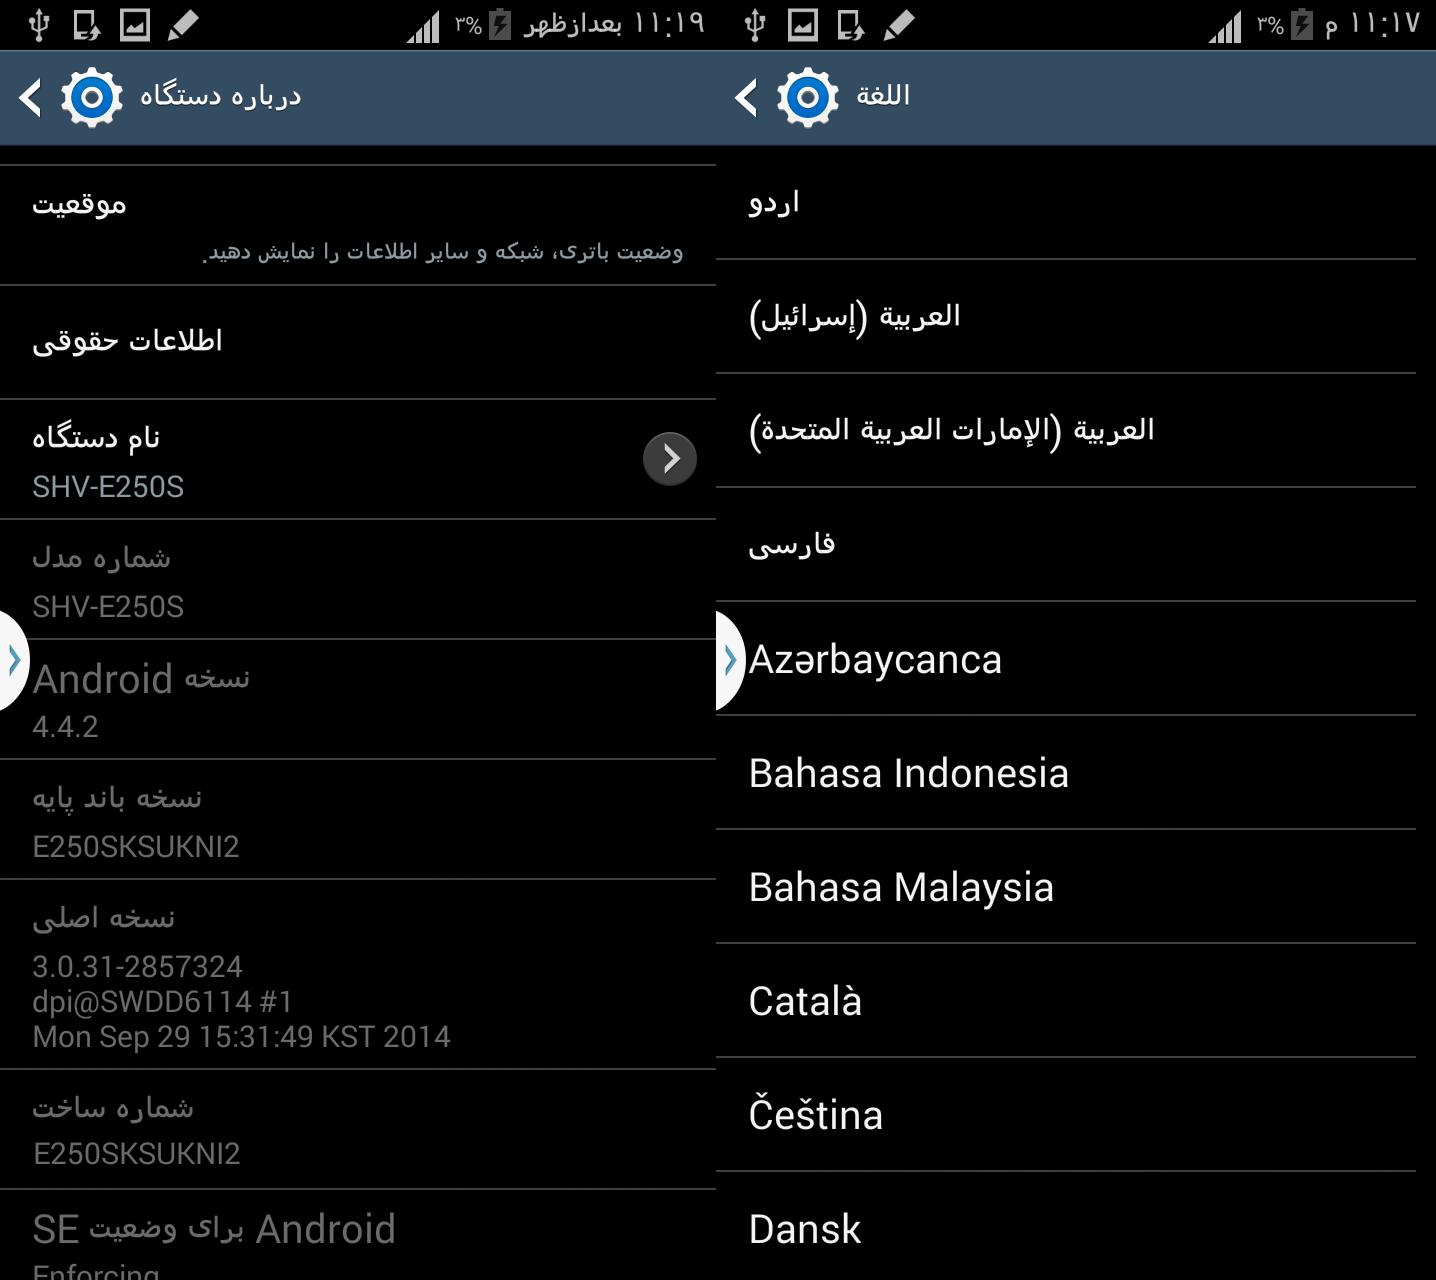 رام فارسی سامسونگ E250S اندروید 4.4.2